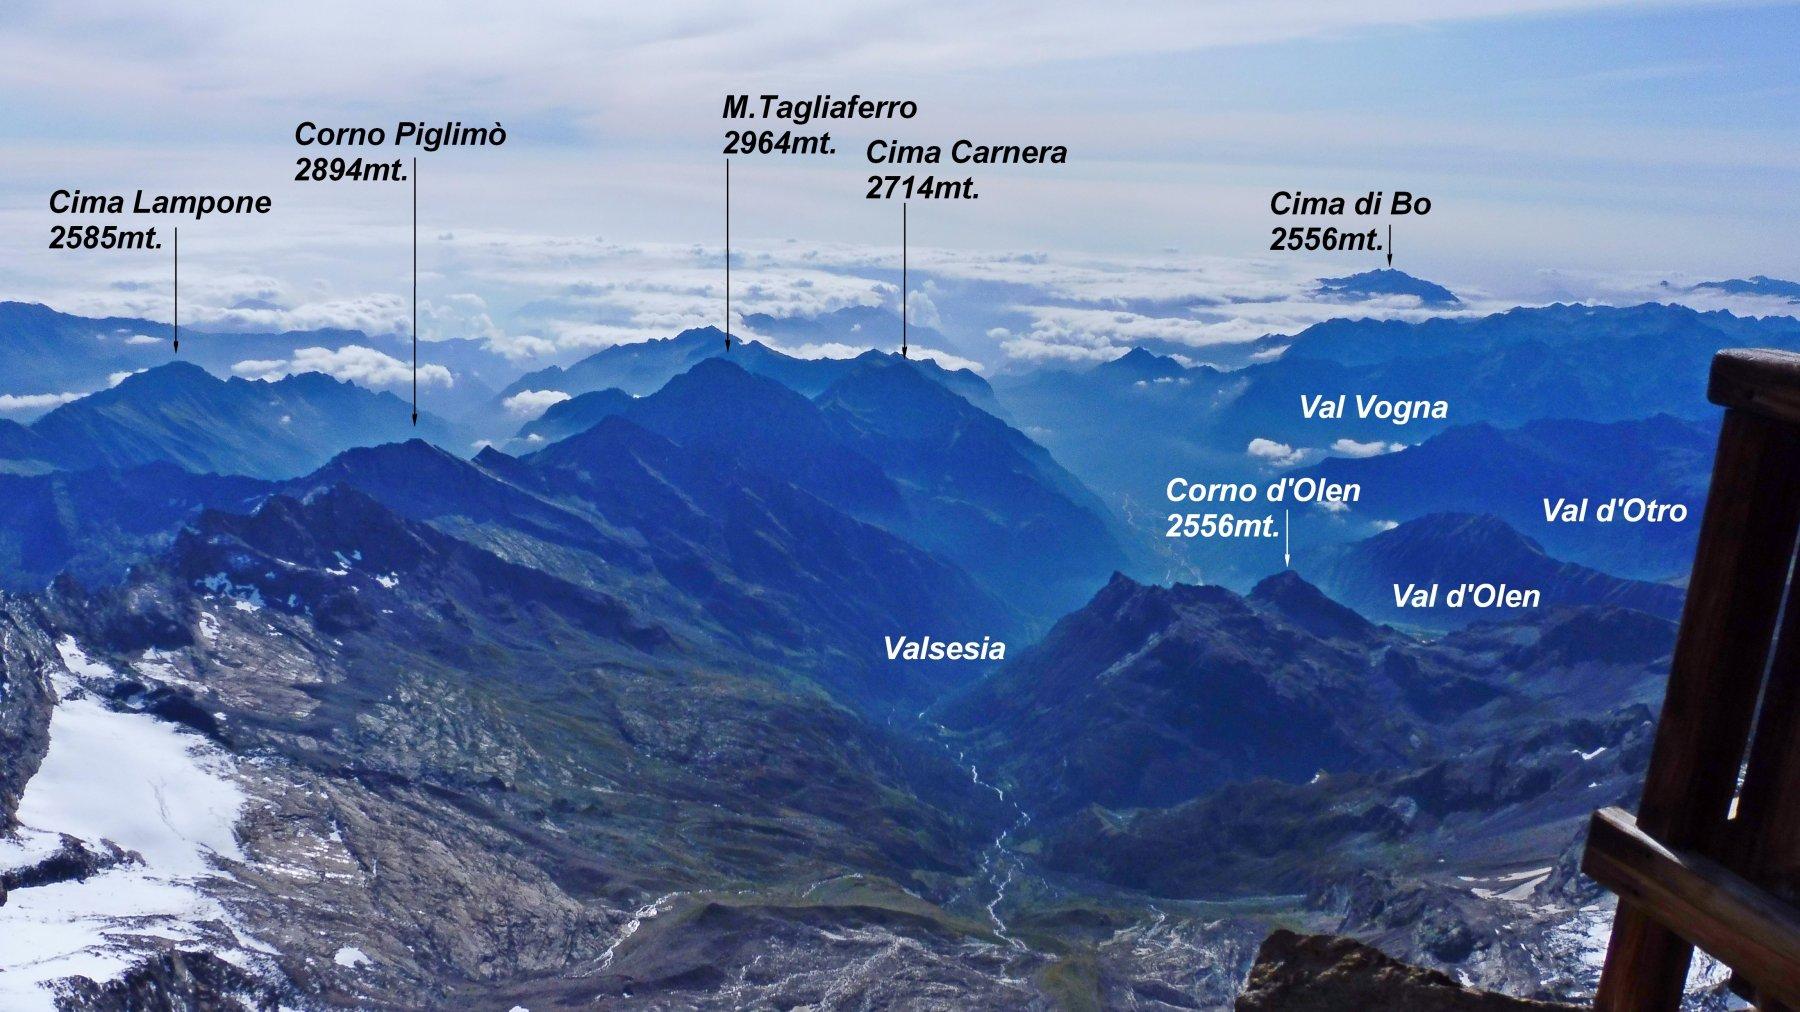 Impressionante il salto di oltre 2000mt. sulla Valsesia